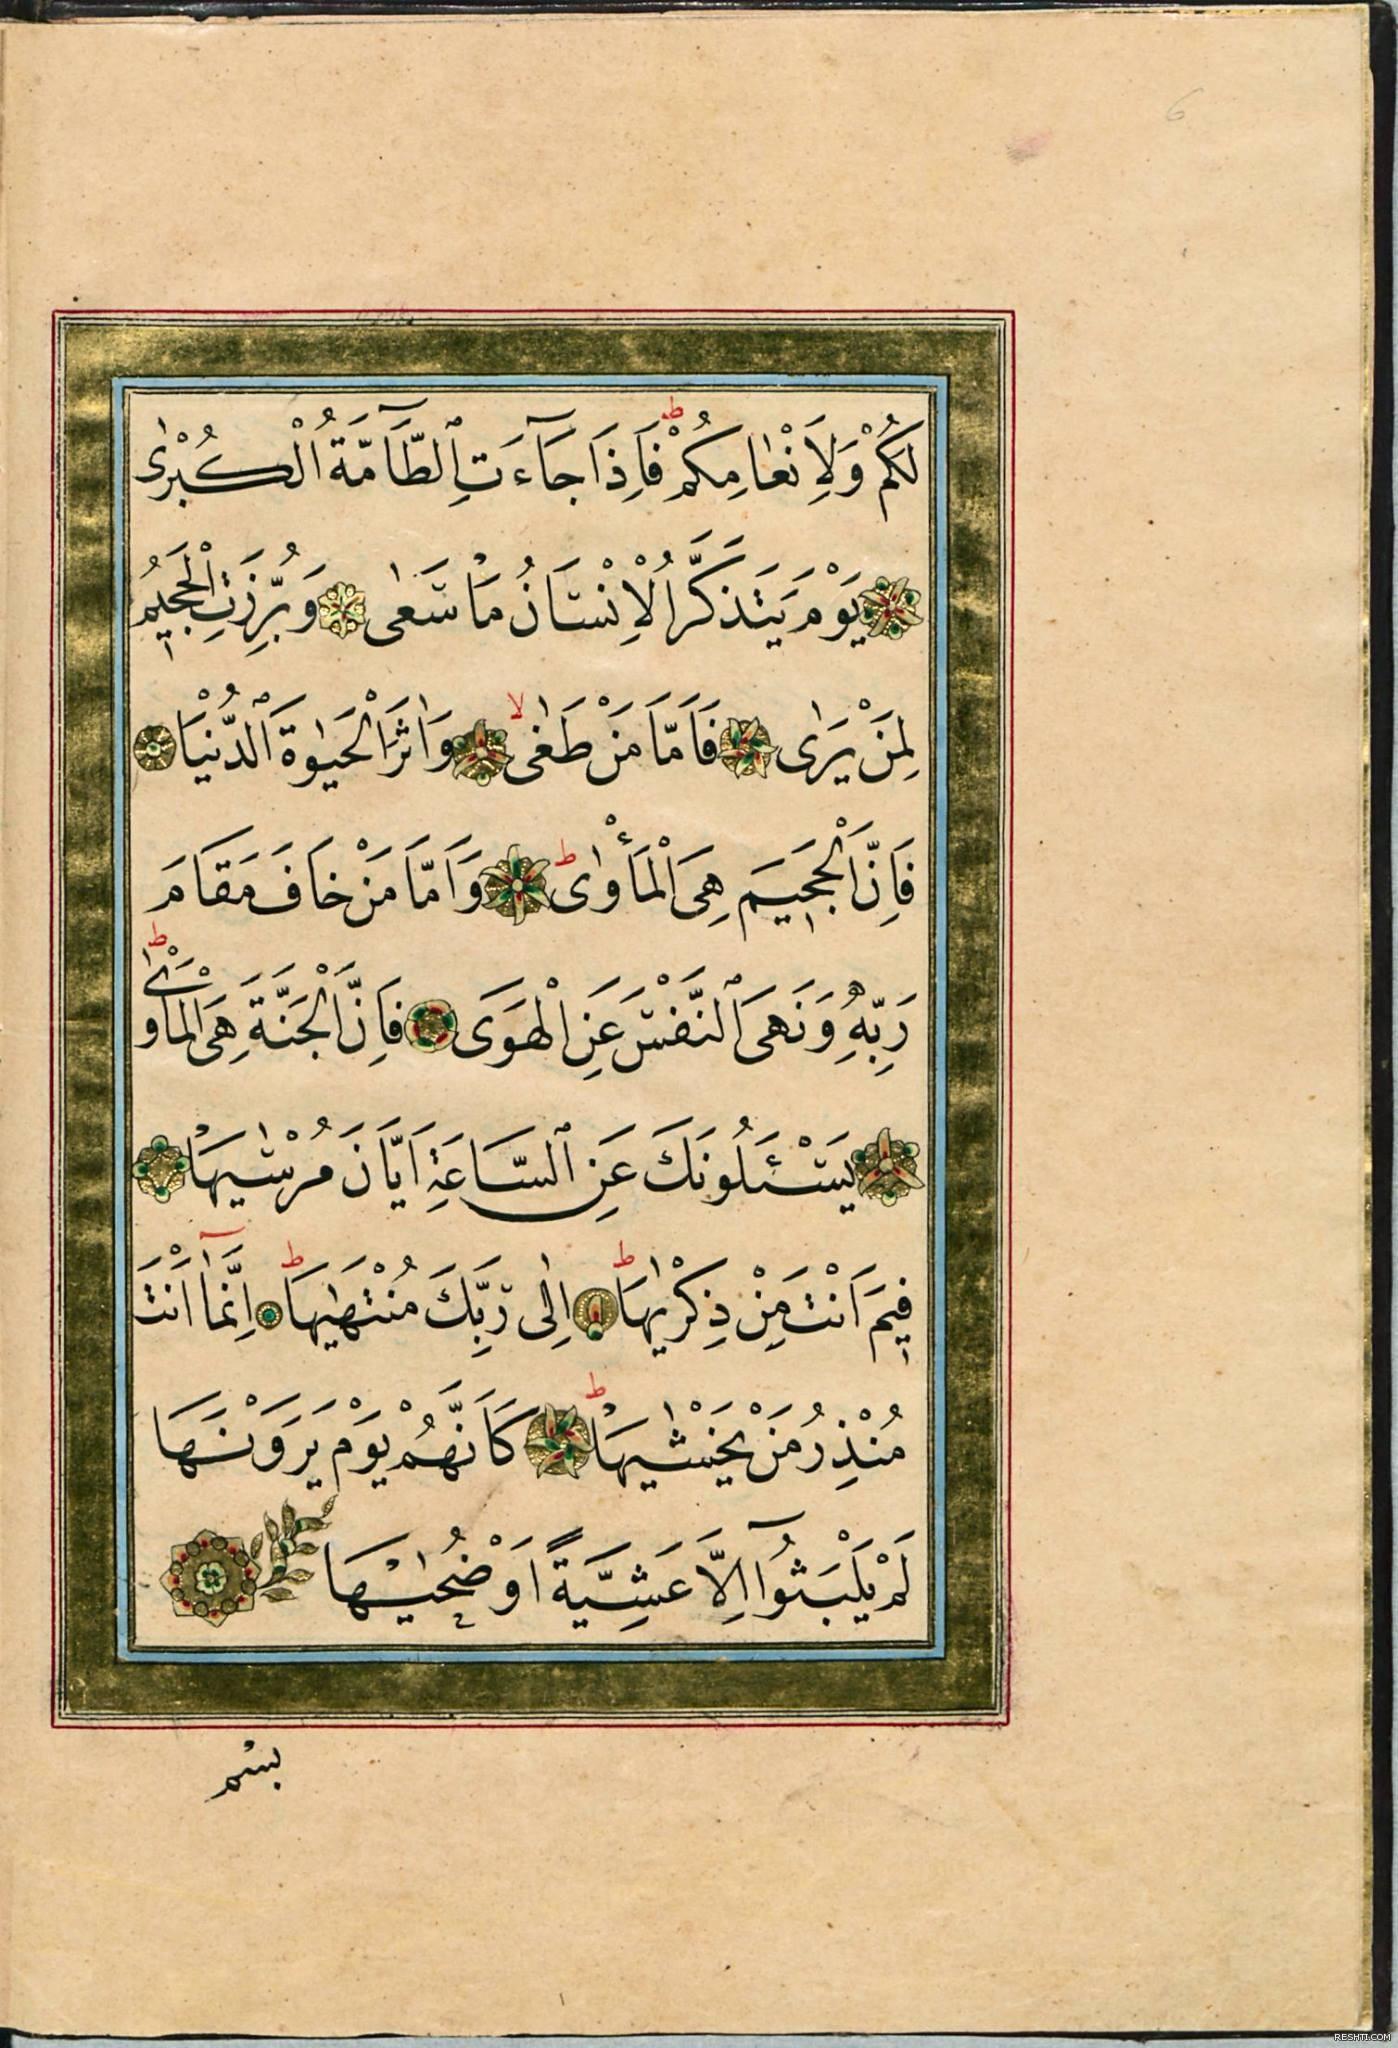 جزء عم لخطاط الحرم النبوي السيد عبد الله الزهدي التميمي 9